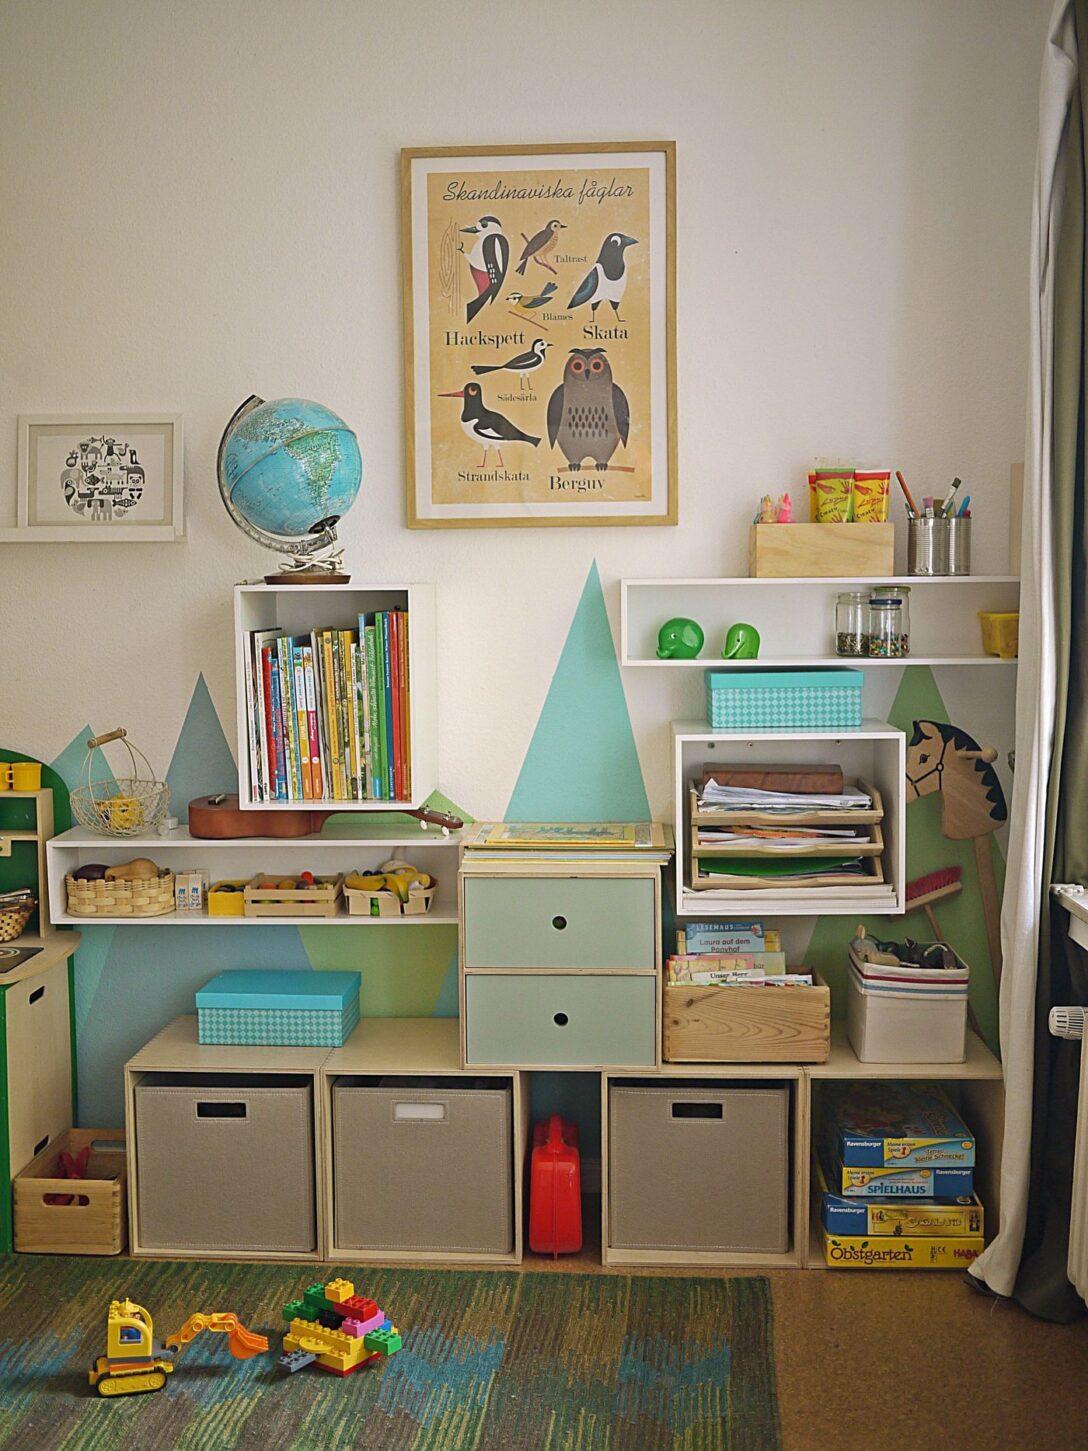 Large Size of Kinderzimmer Aufbewahrung Regal Gebraucht Ikea Aufbewahrungskorb Grau Aufbewahrungsbox Spielzeug Ideen Fr Stauraum Und Im Sofa Küche Aufbewahrungssystem Kinderzimmer Kinderzimmer Aufbewahrung